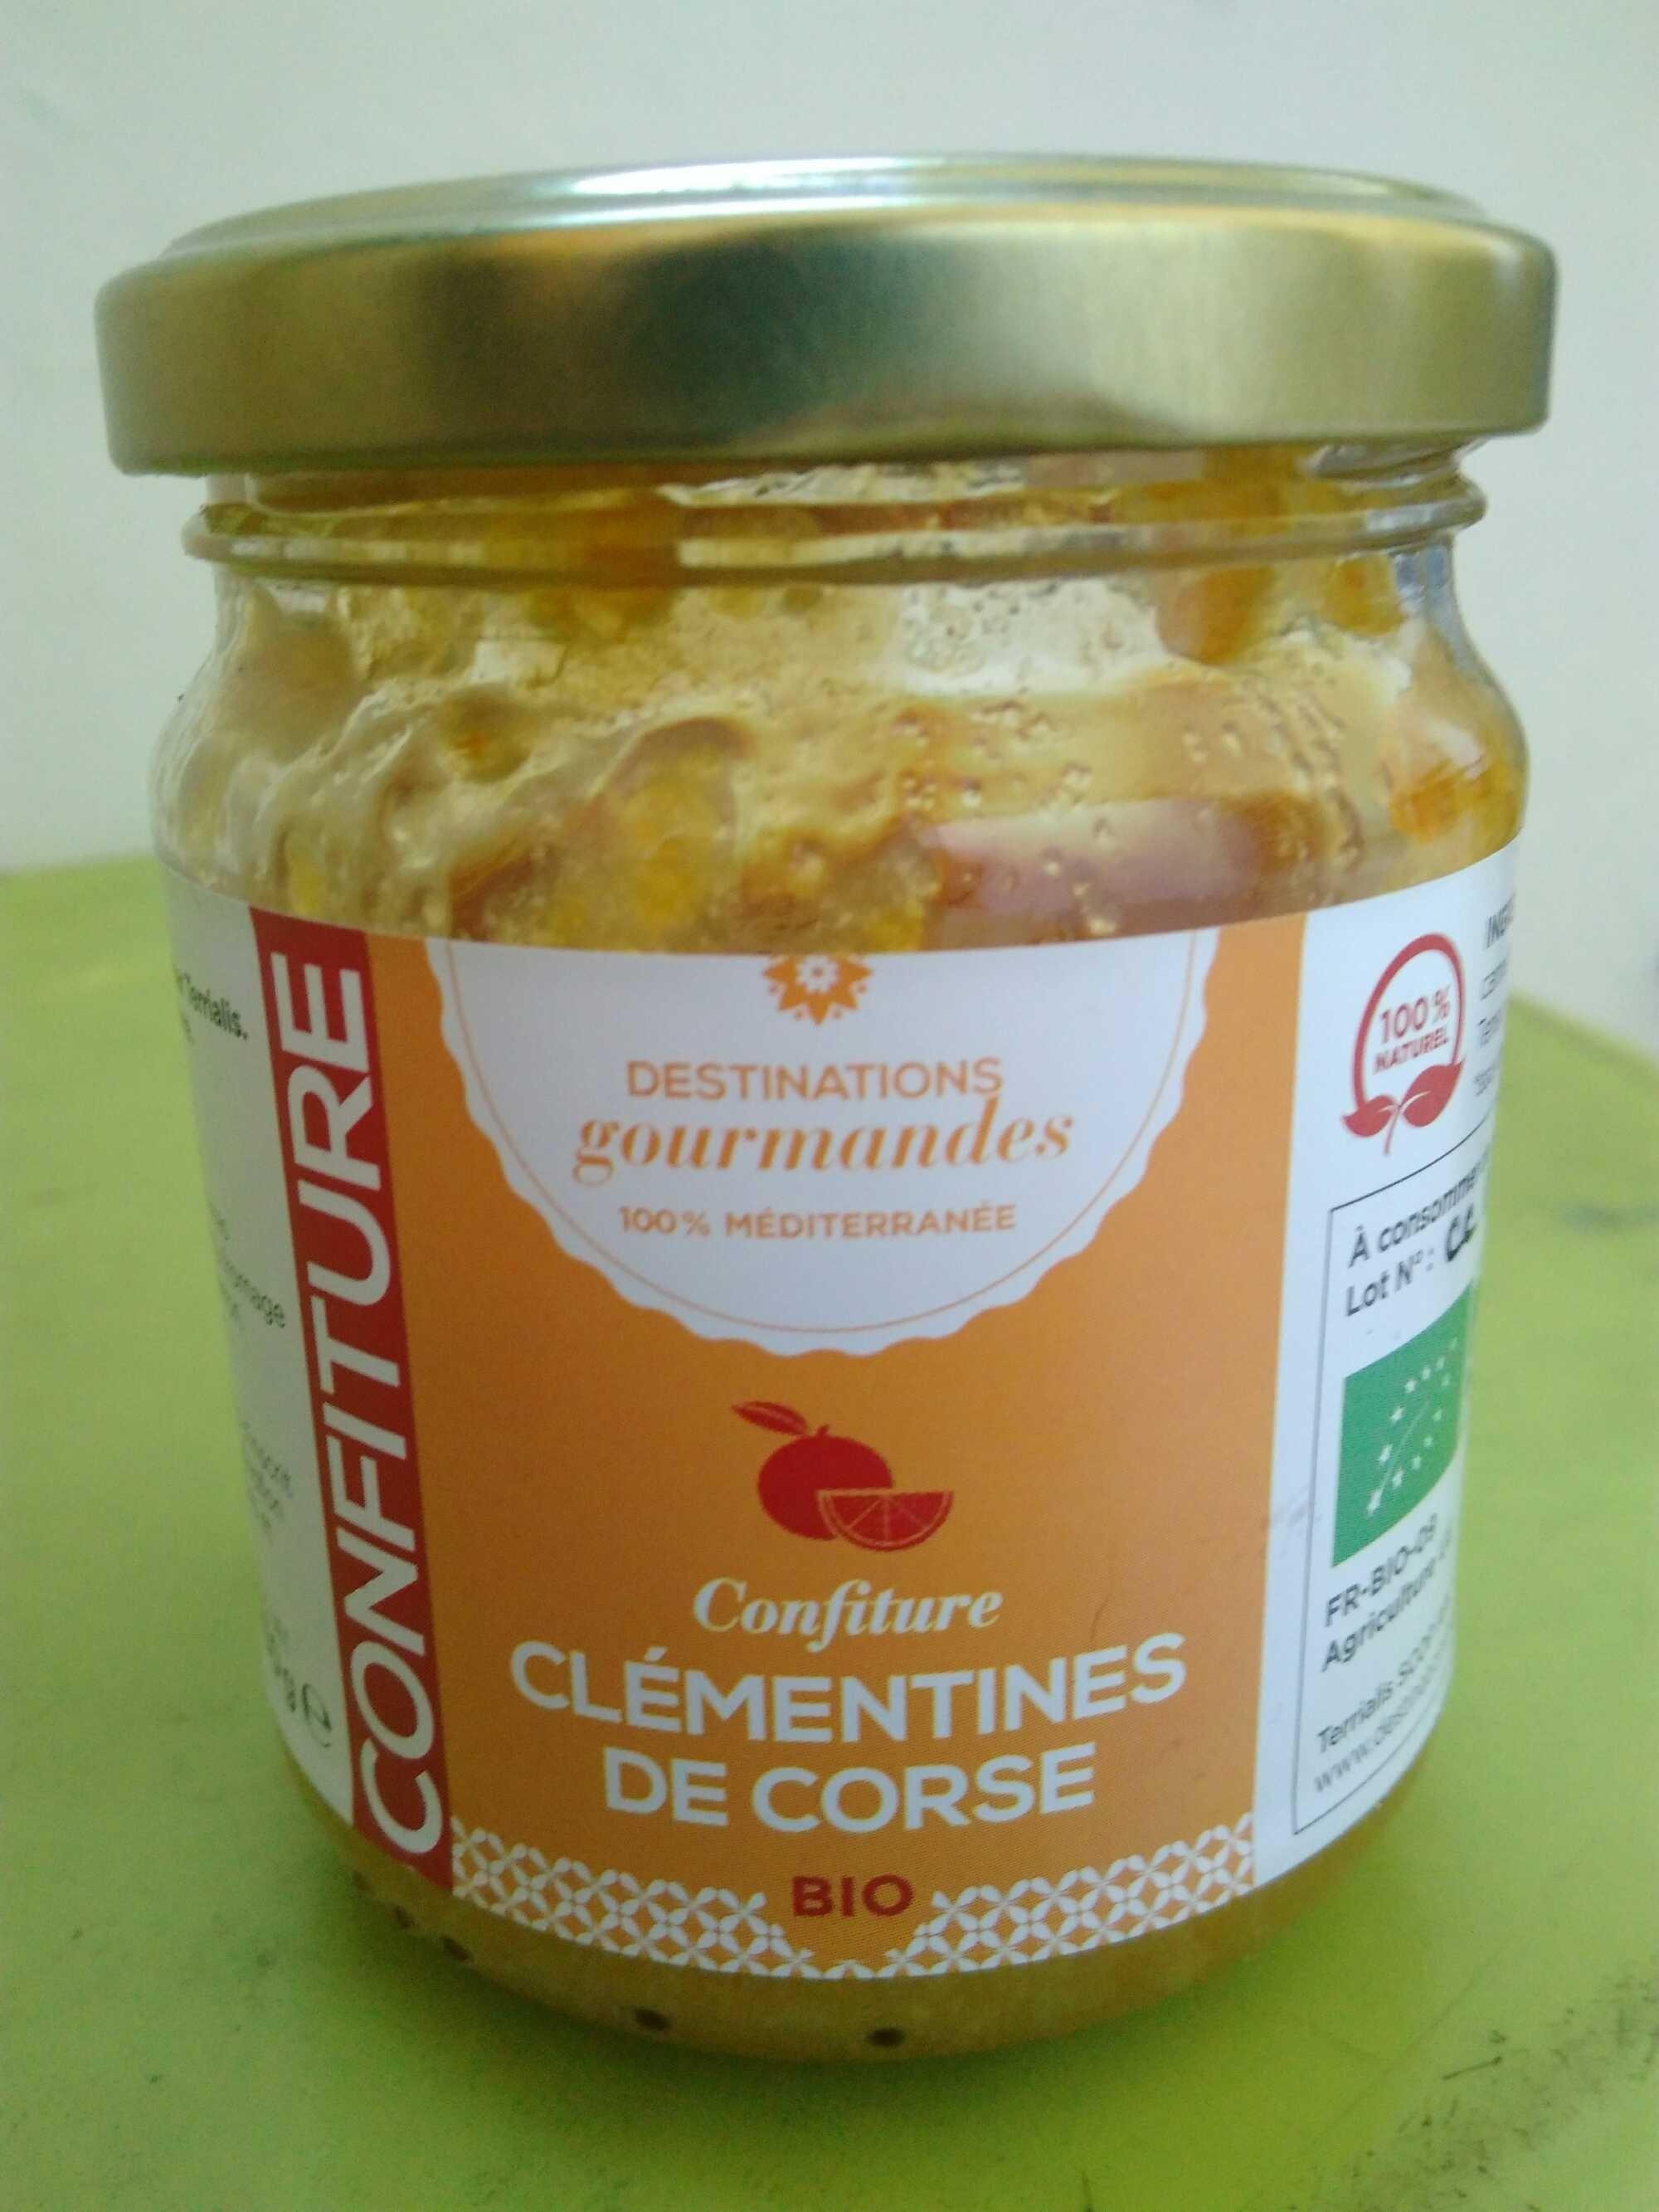 Confiture Clémentine de Corse - Product